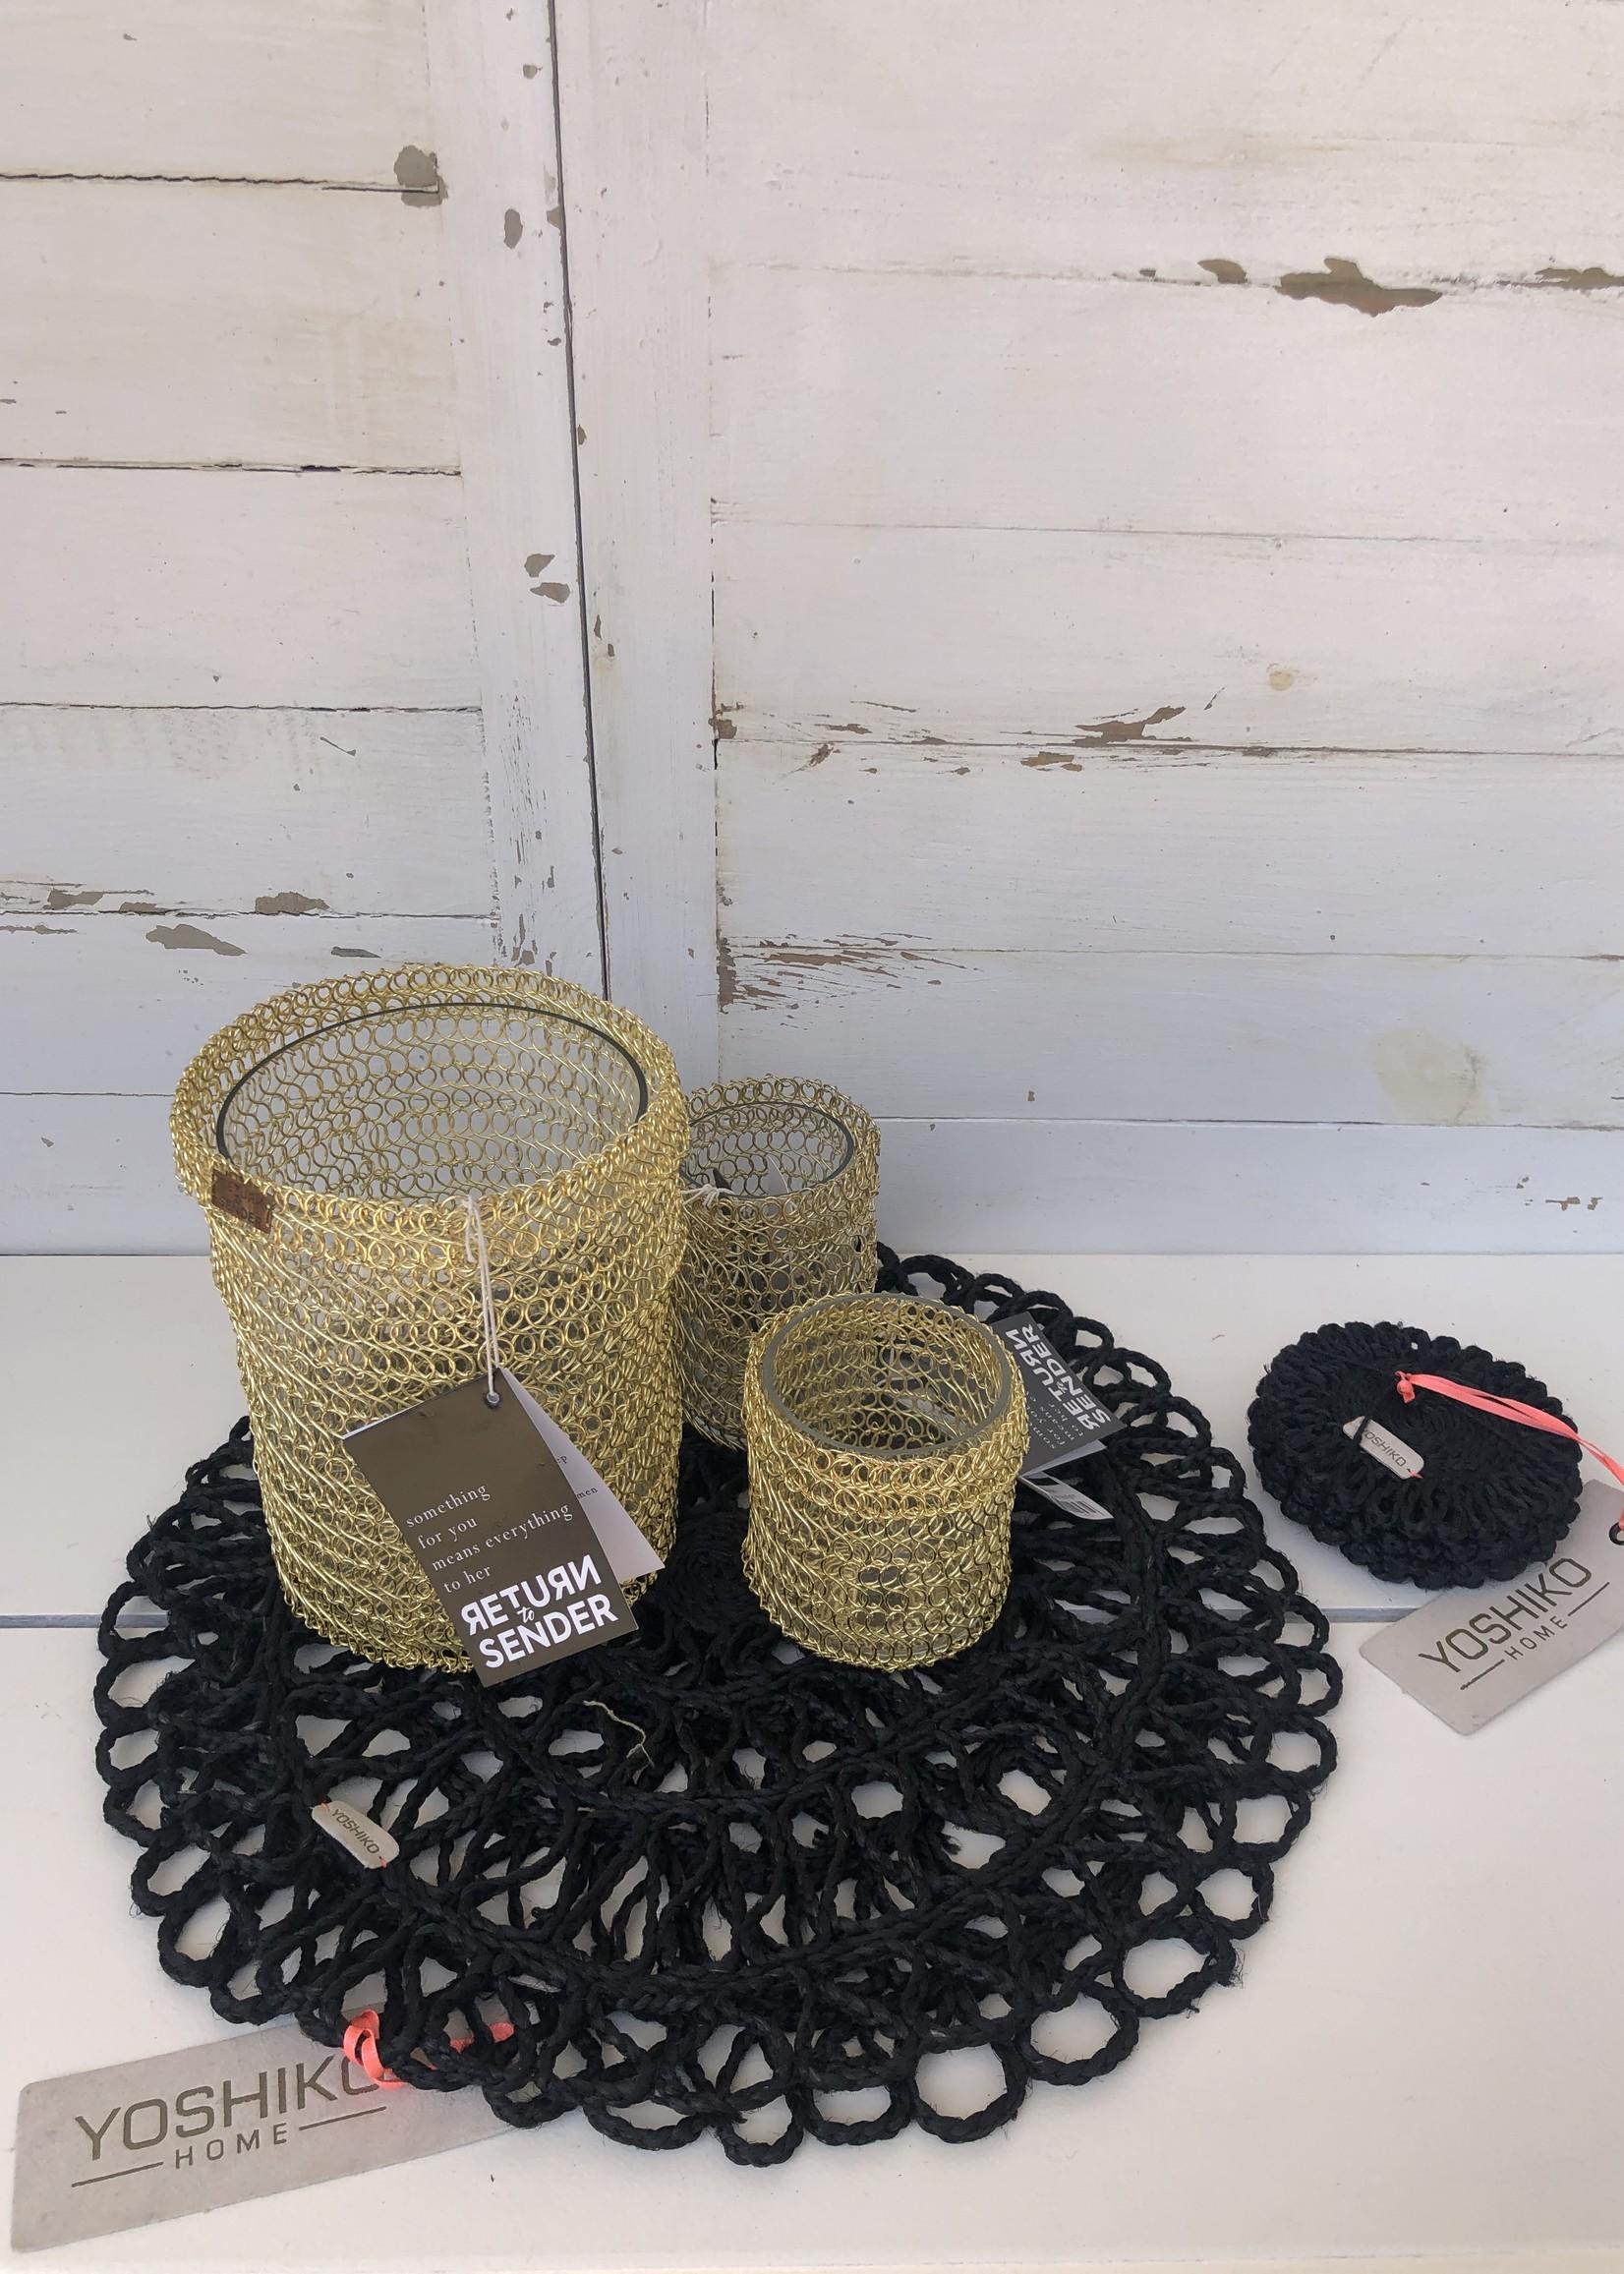 Return to Sender Return to Sender - Handmade Golden woven tealight broad